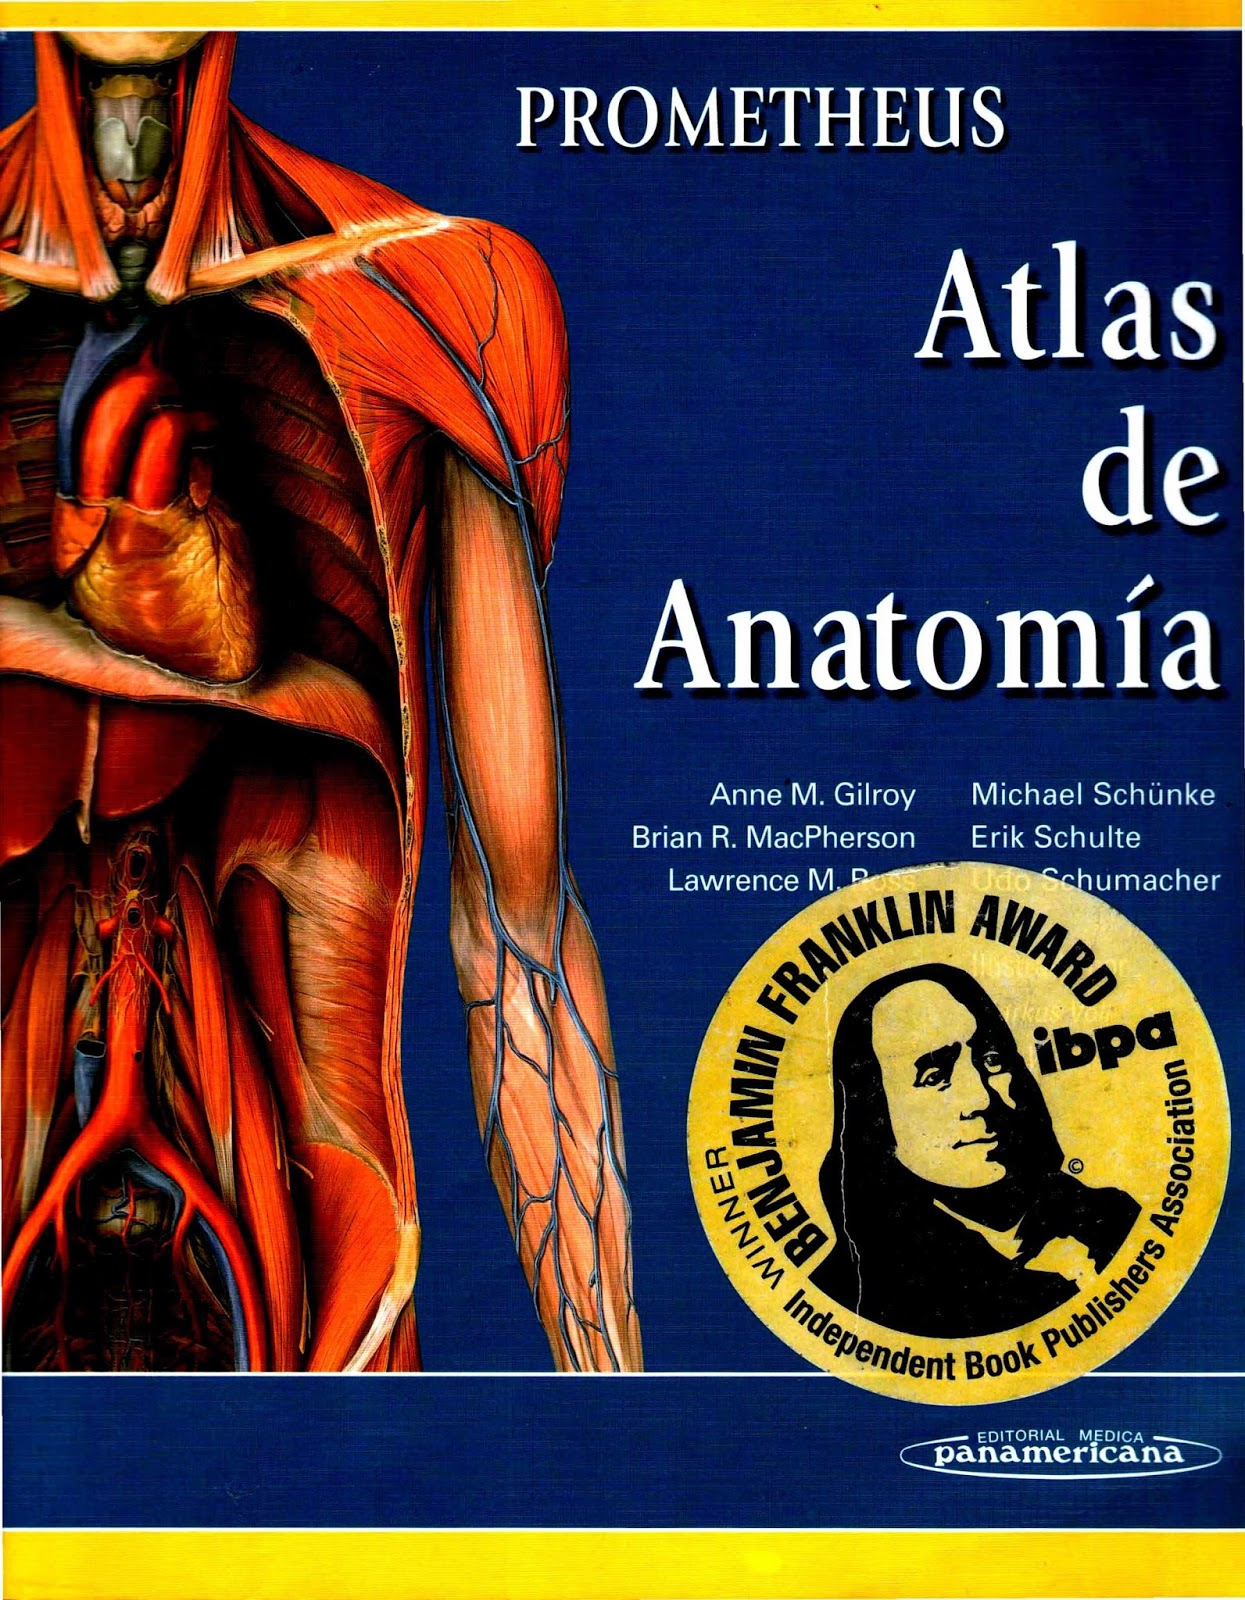 Prometheus. Atlas de Anatomía – Anne M. Gilroy | LibrosVirtual